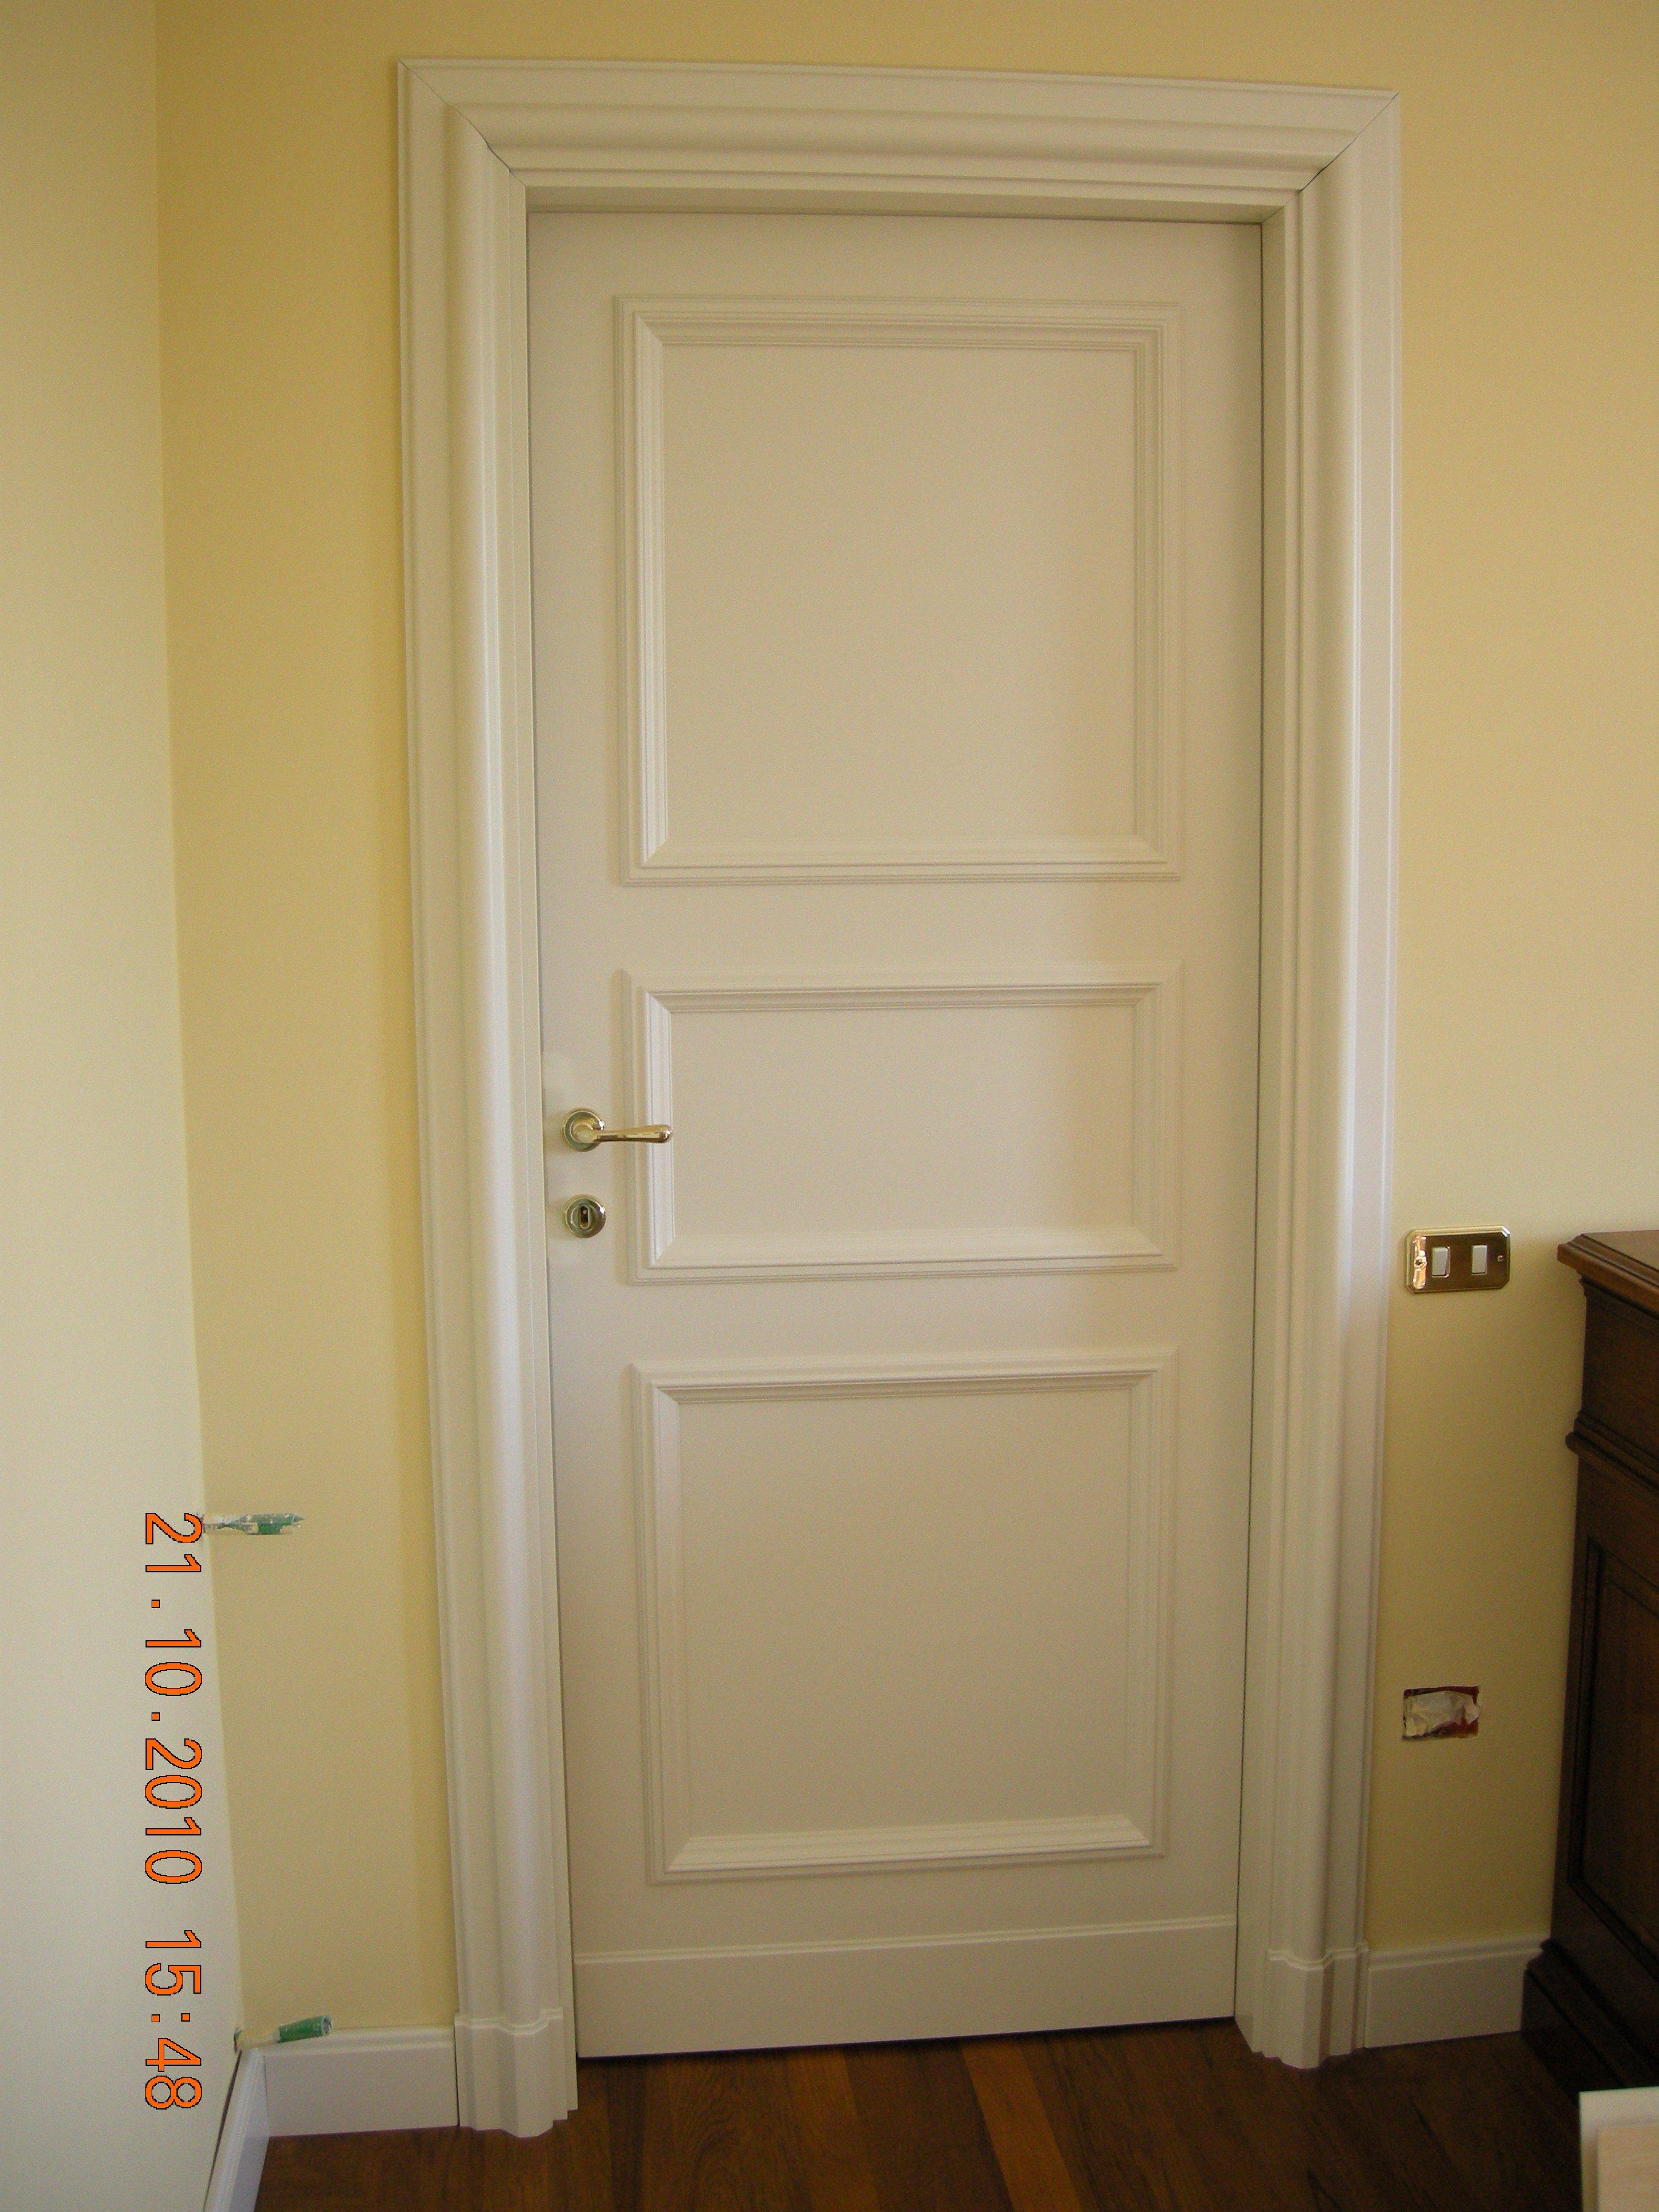 Porta bianca in legno tradizionale